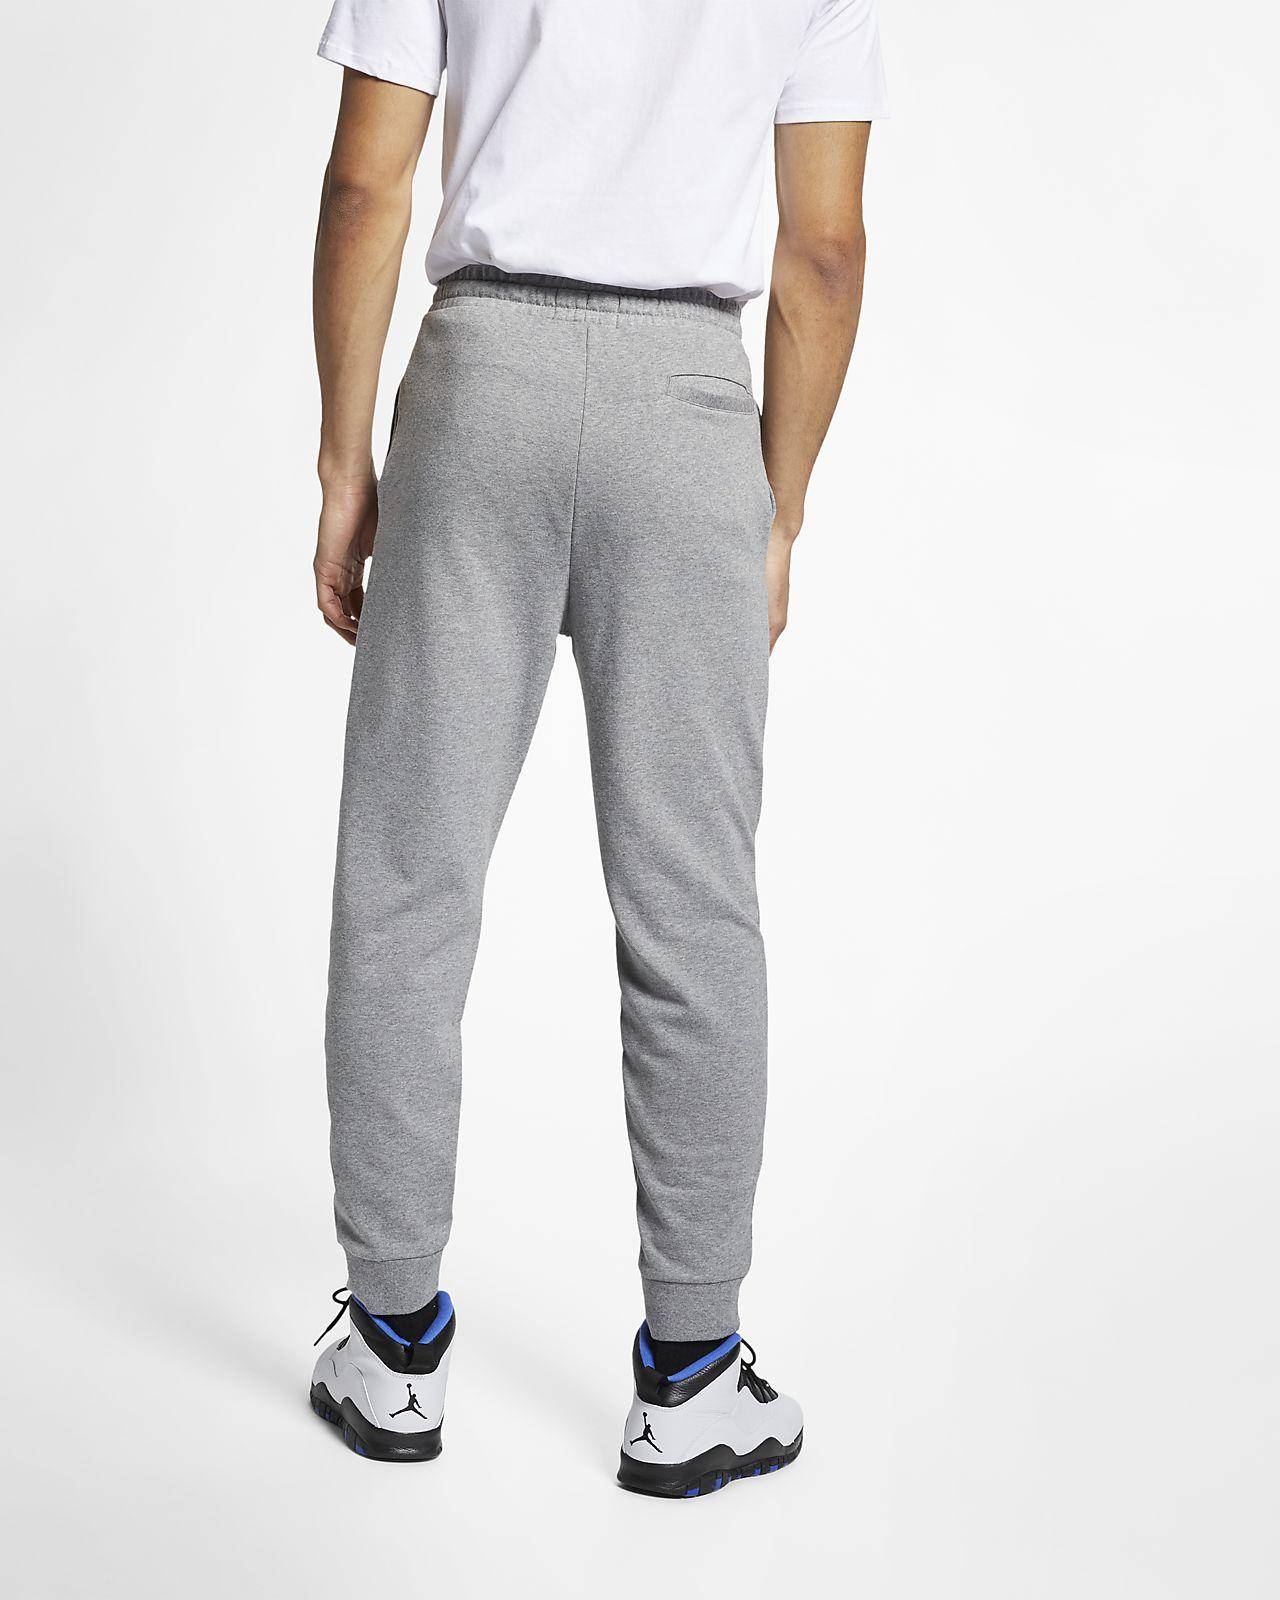 4cc759f20dcd Jordan Jumpman Air Men s Lightweight Fleece Trousers. Nike.com CA